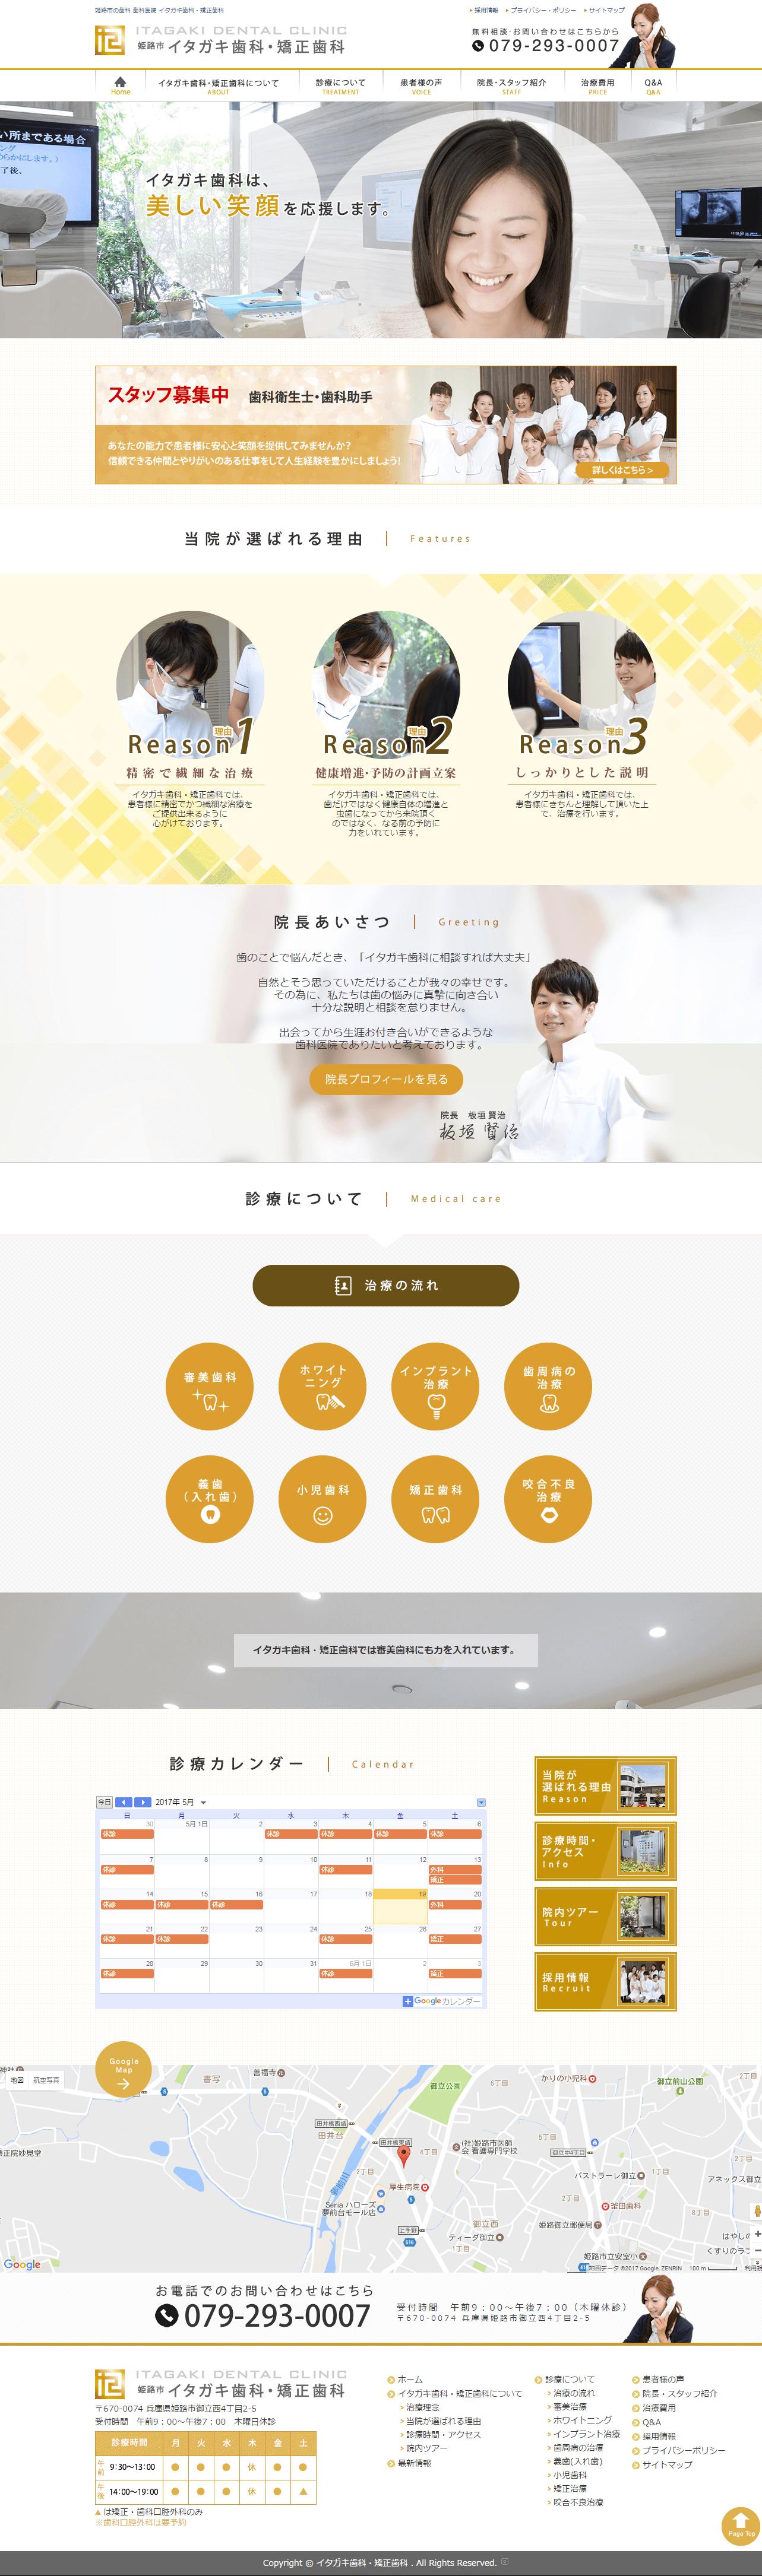 姫路市 イタガキ歯科・矯正歯科様 ホームページ制作1